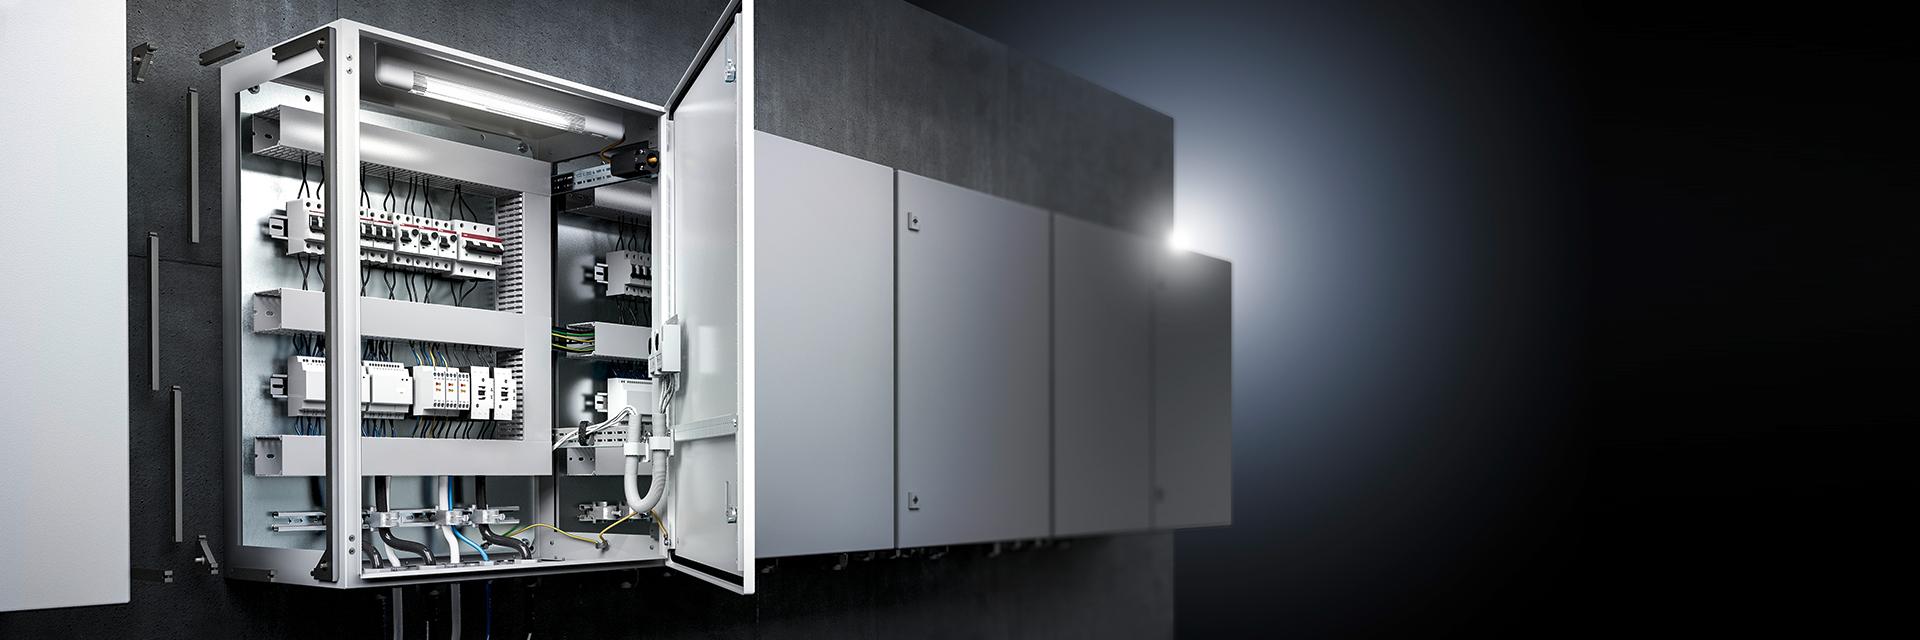 EM und Rittal: Setzen Sie auf starke Partner - Elektro-Material AG